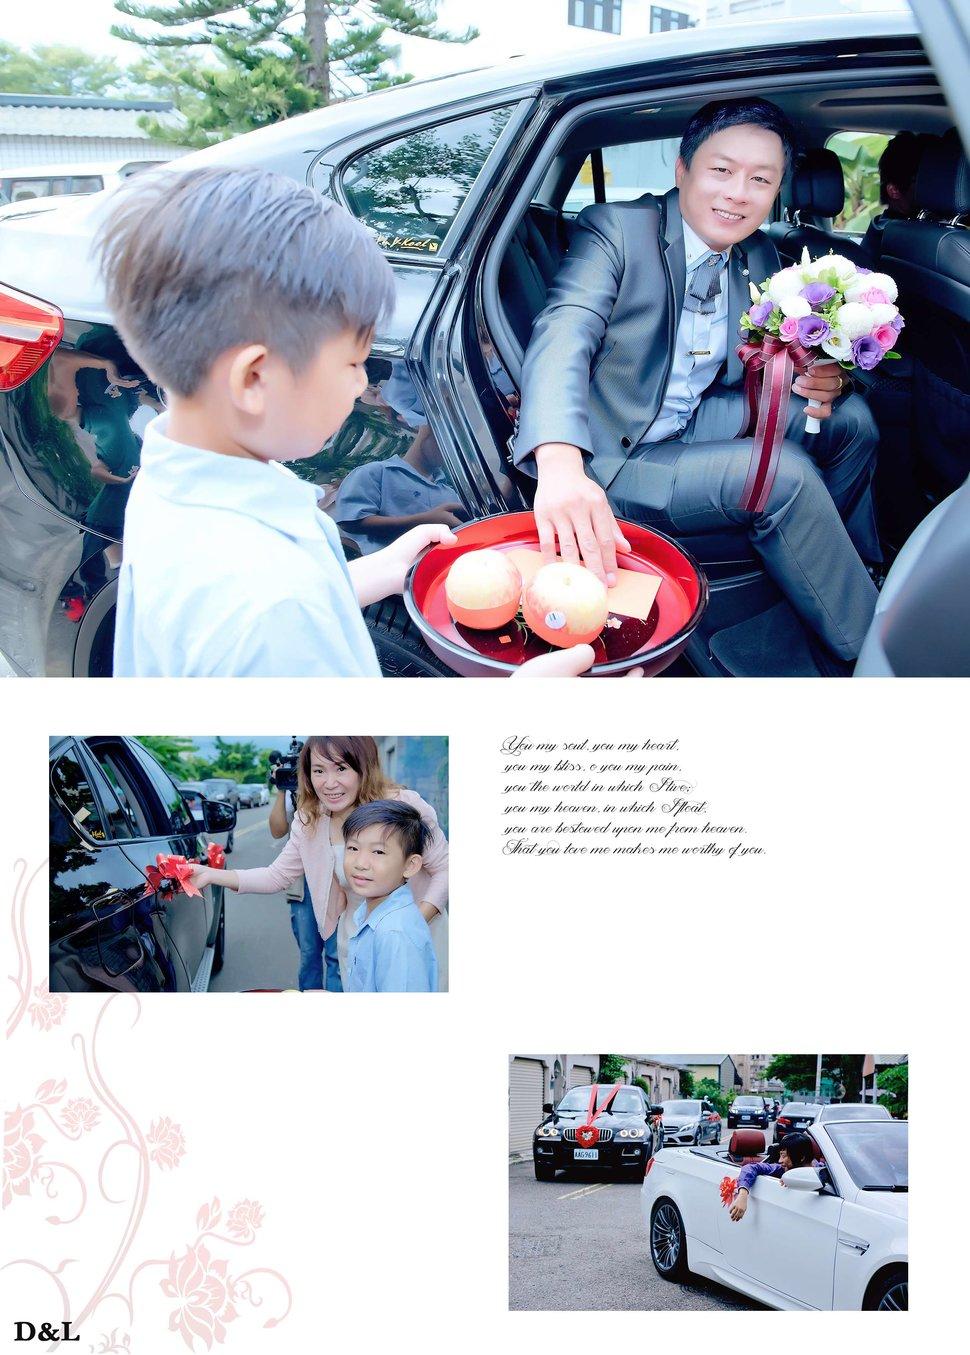 雲林婚攝 婚禮紀錄 敬添&綉芬-喜洋洋宴會廳雲林(編號:253226) - D&L 婚禮事務-婚紗攝影/婚禮記錄 - 結婚吧